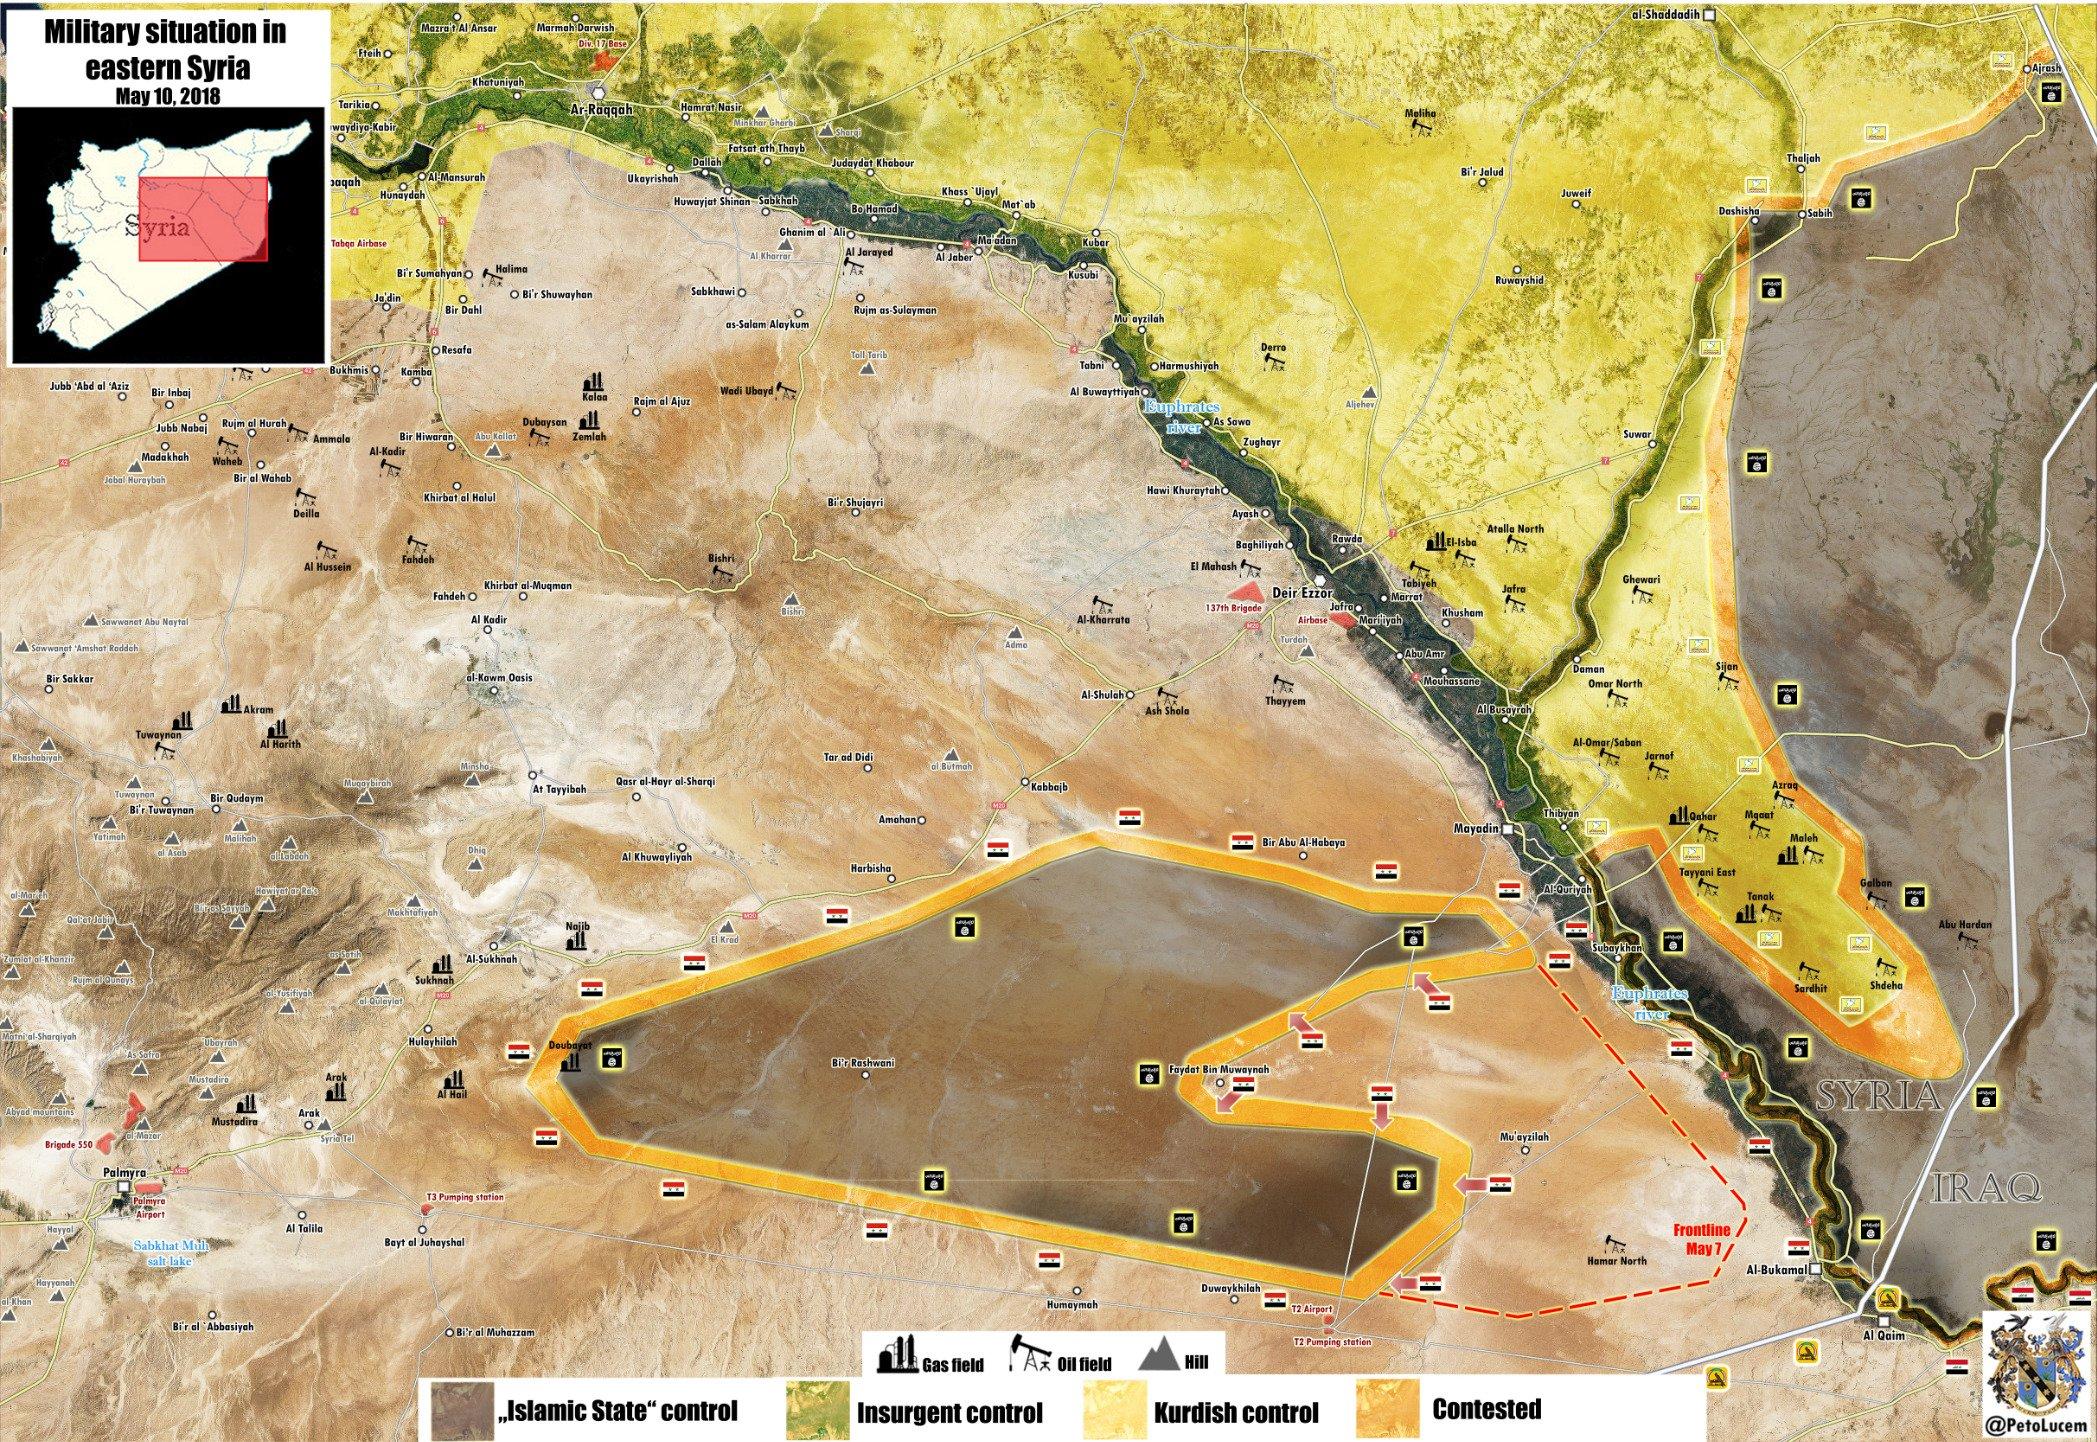 Mappa militare di Deir ez Zor aggiornata al 04/09/2017 (click per ingrandire) / Credits to: @PetoLucem